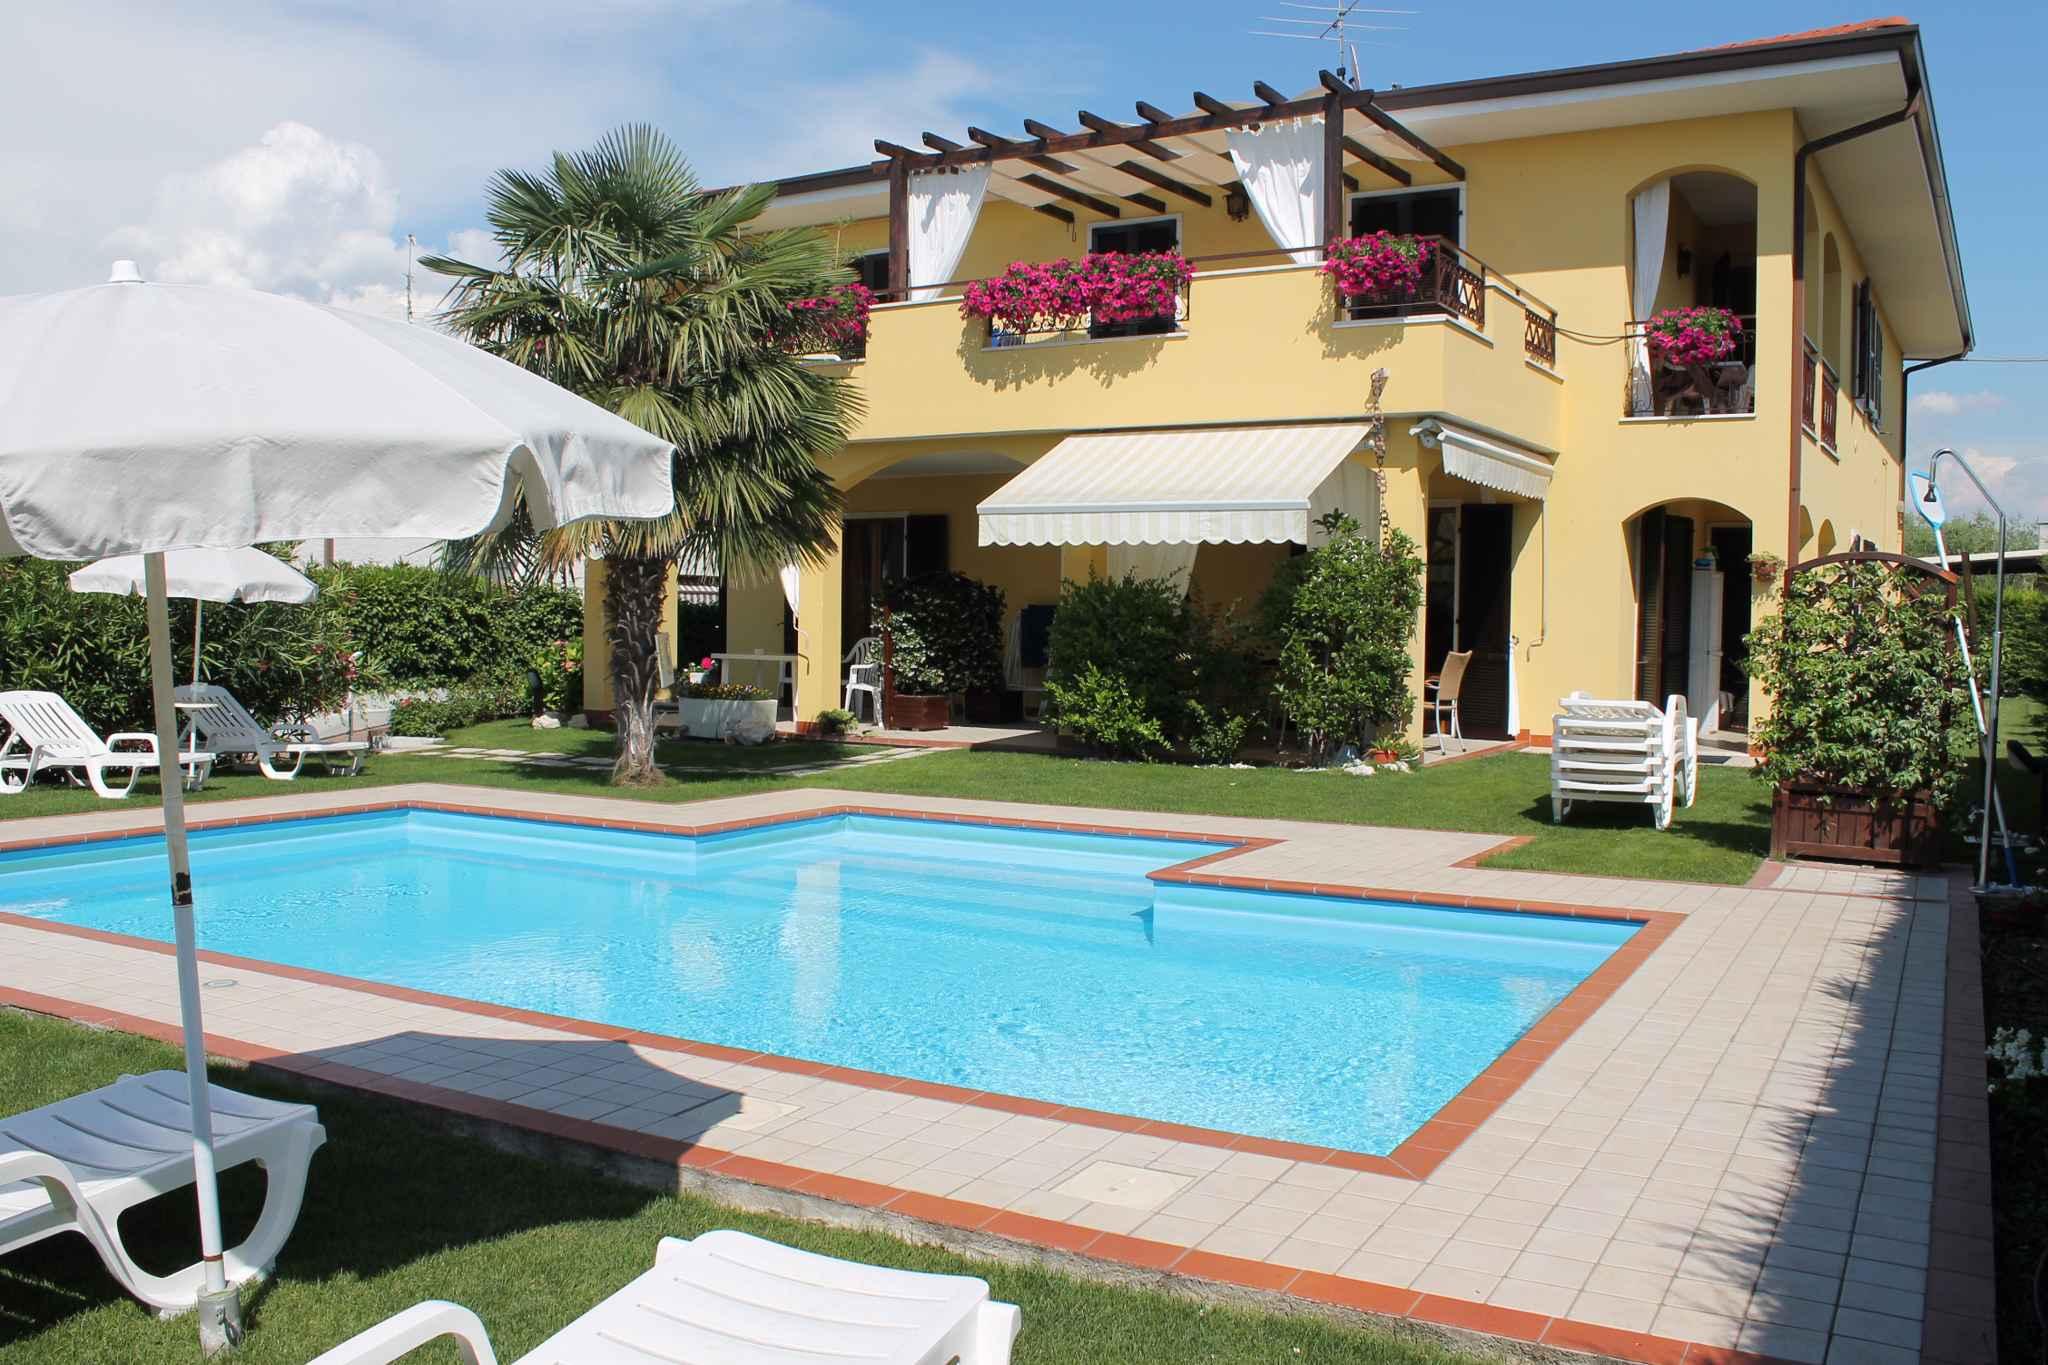 Ferienwohnung con piscina (279582), Lazise, Gardasee, Venetien, Italien, Bild 3